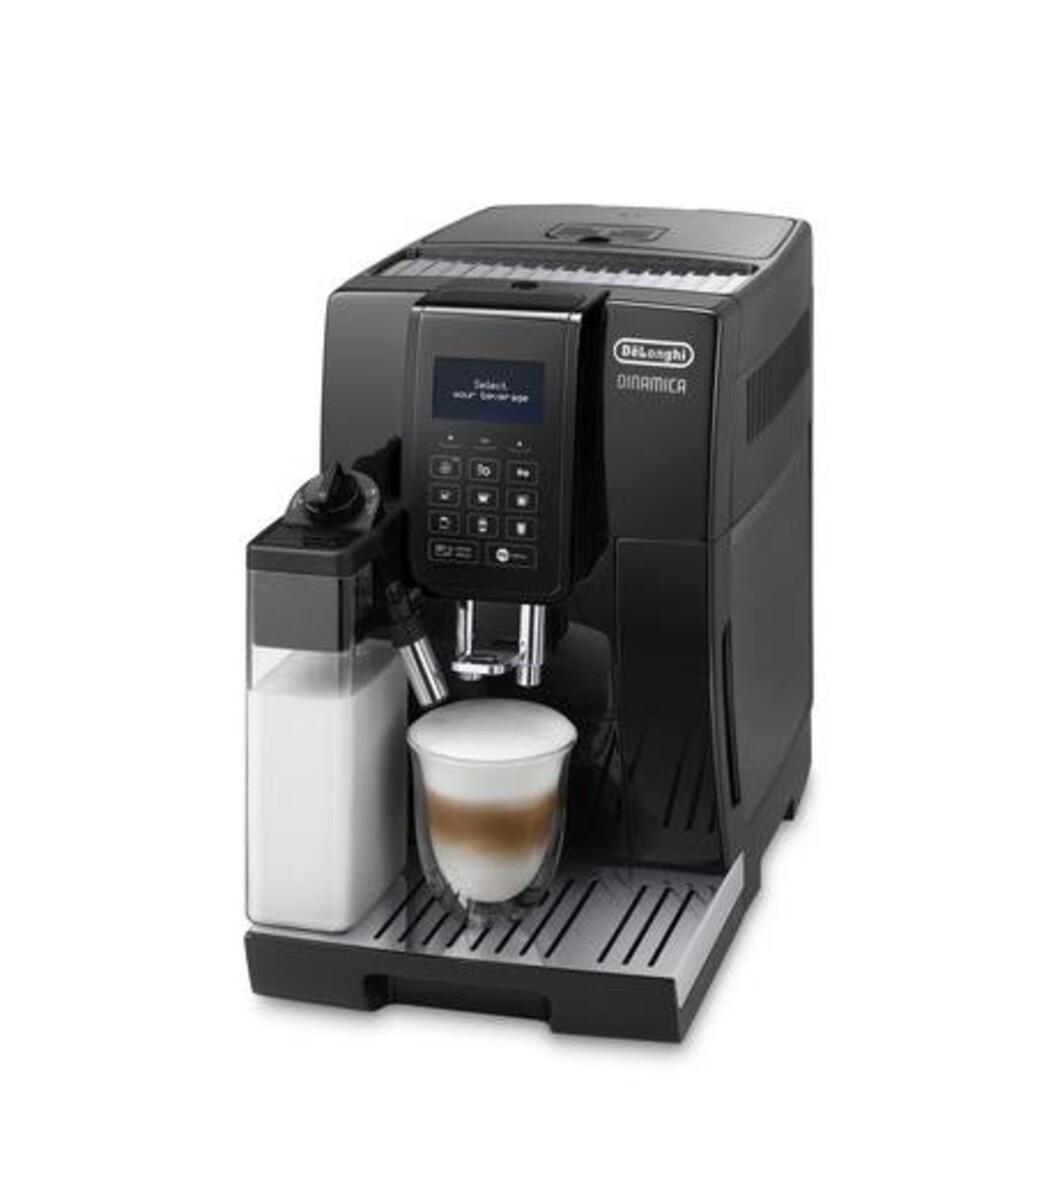 Bild 1 von Delonghi Kaffeevollautomat Ecam 35375 |  B-Ware - der Artikel ist neu - Verpackung beschädigt